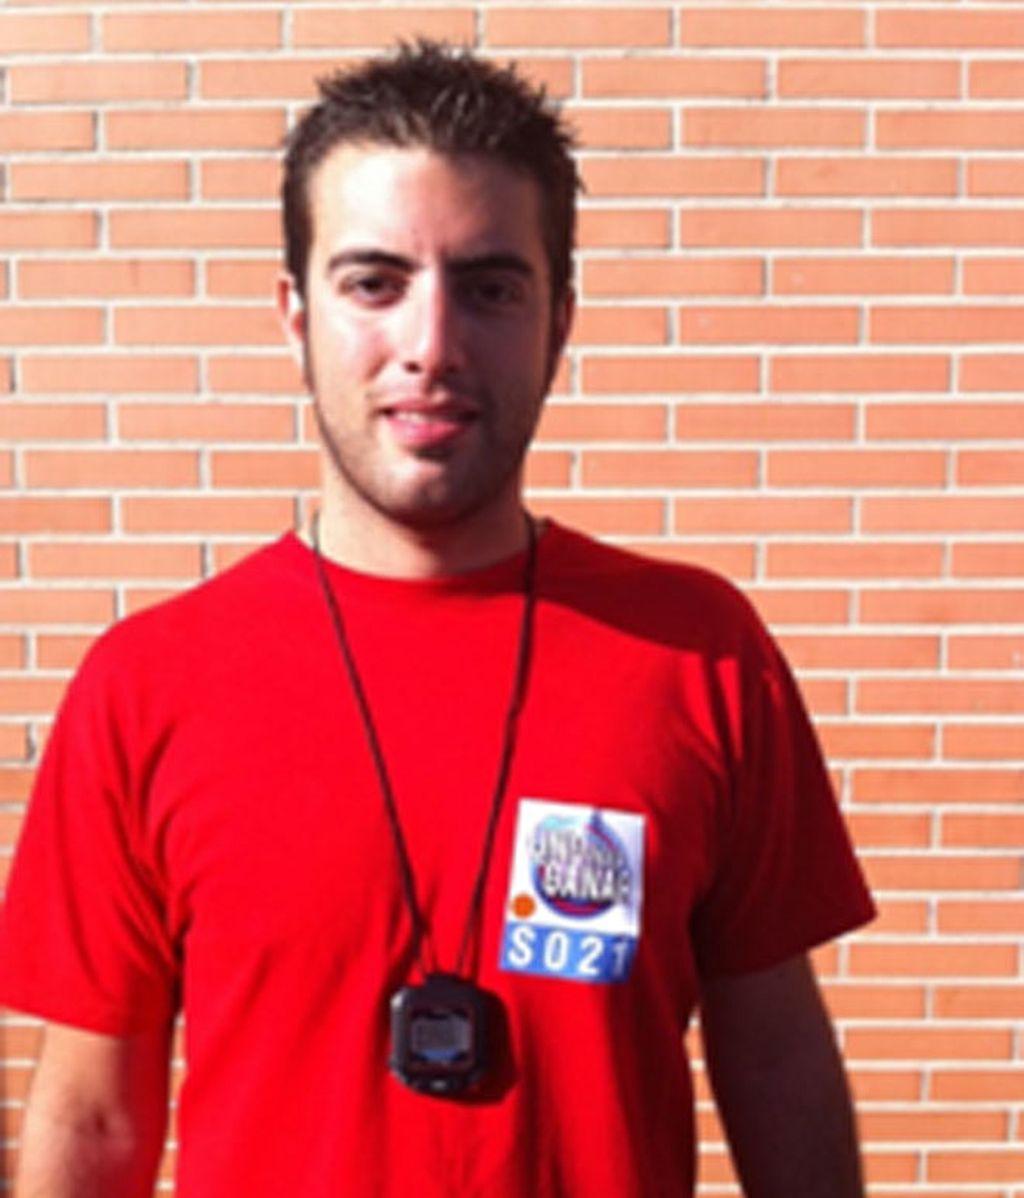 Javier Rufo